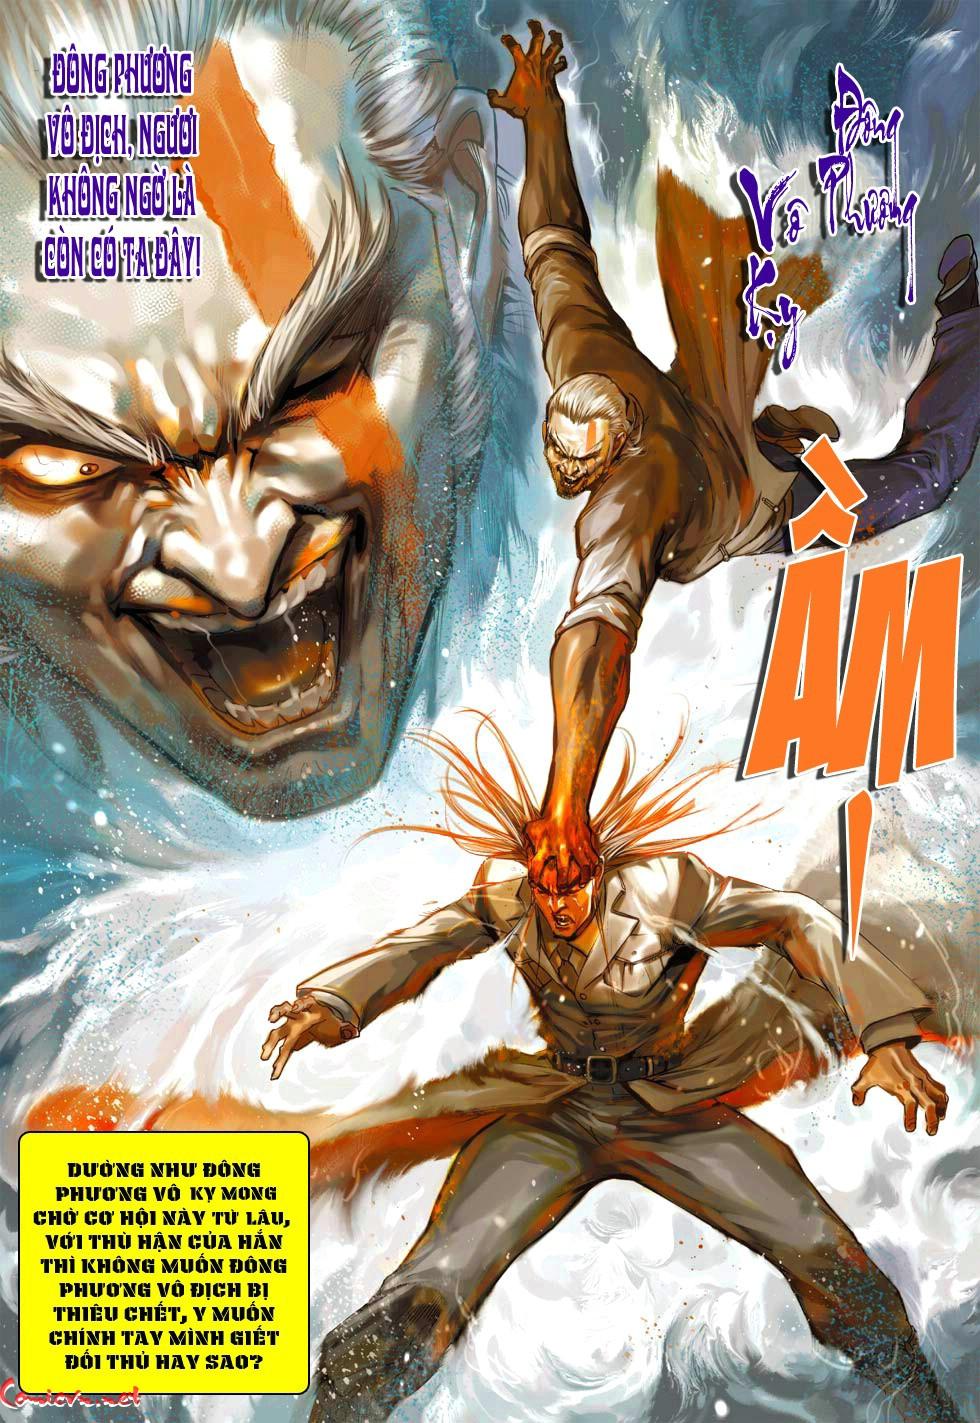 Vương Phong Lôi 1 chap 38 - Trang 27